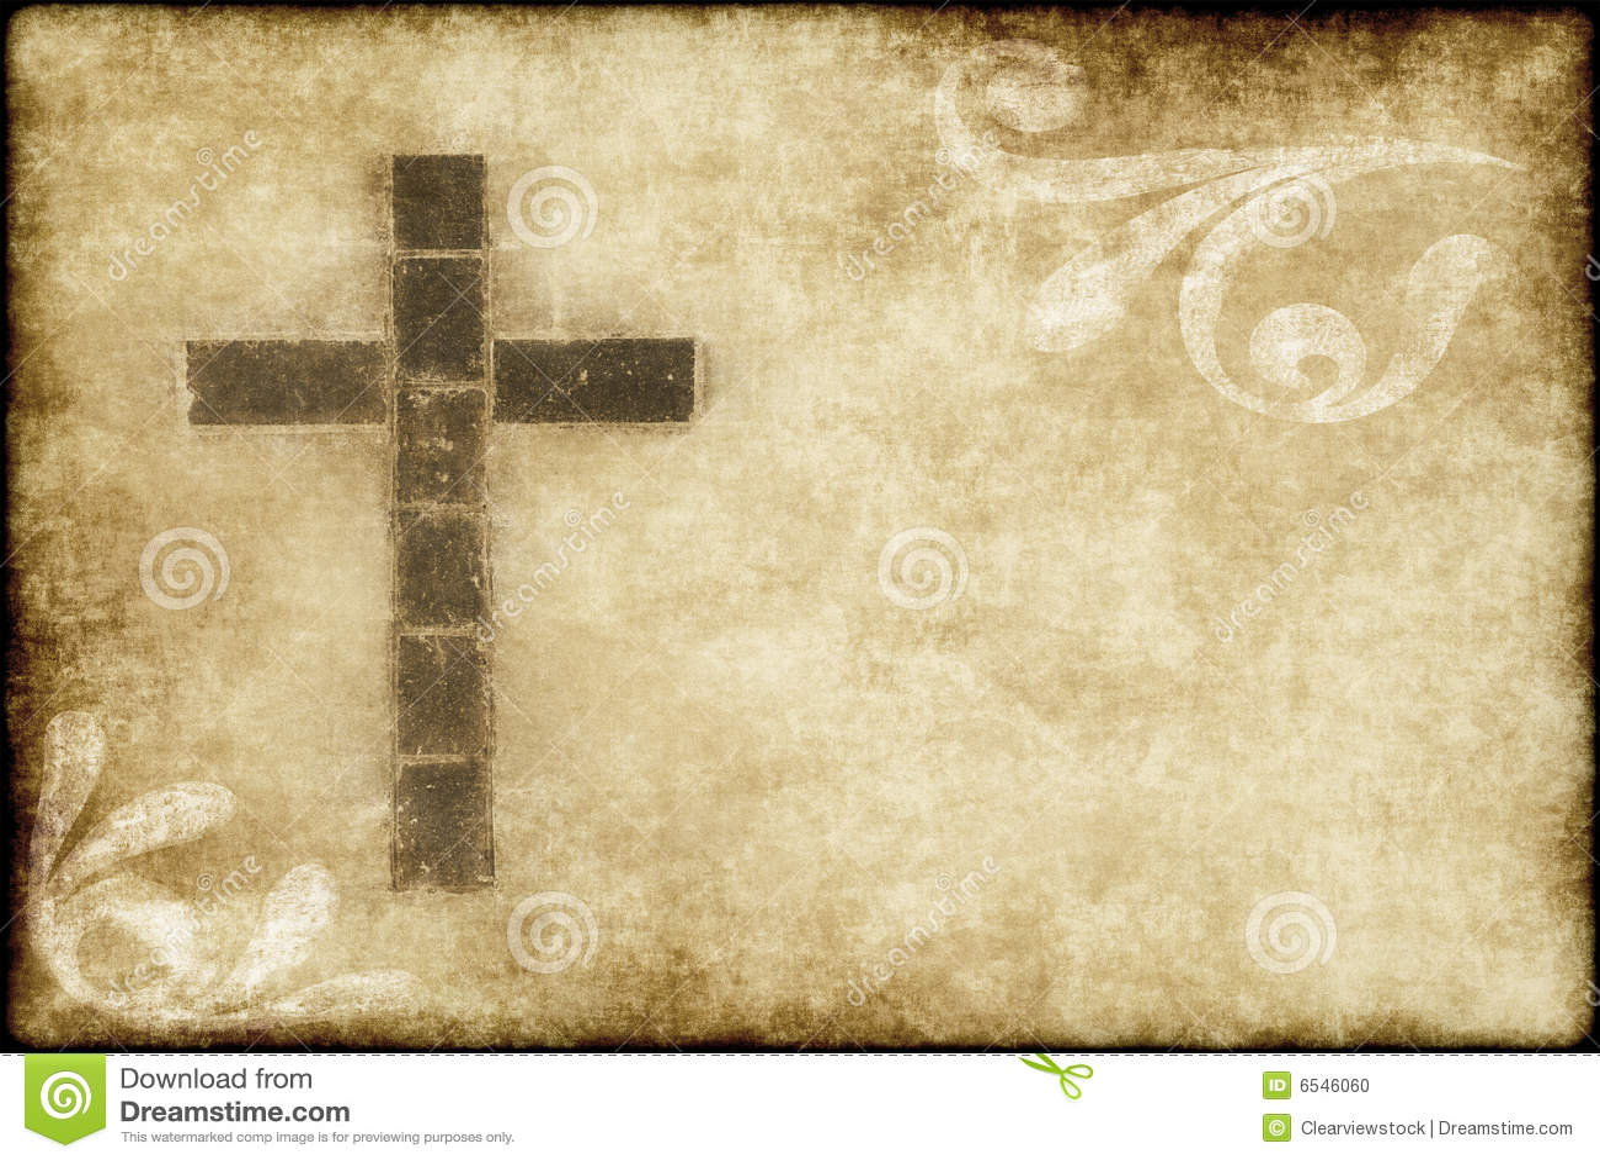 Cruz cristã no pergaminho